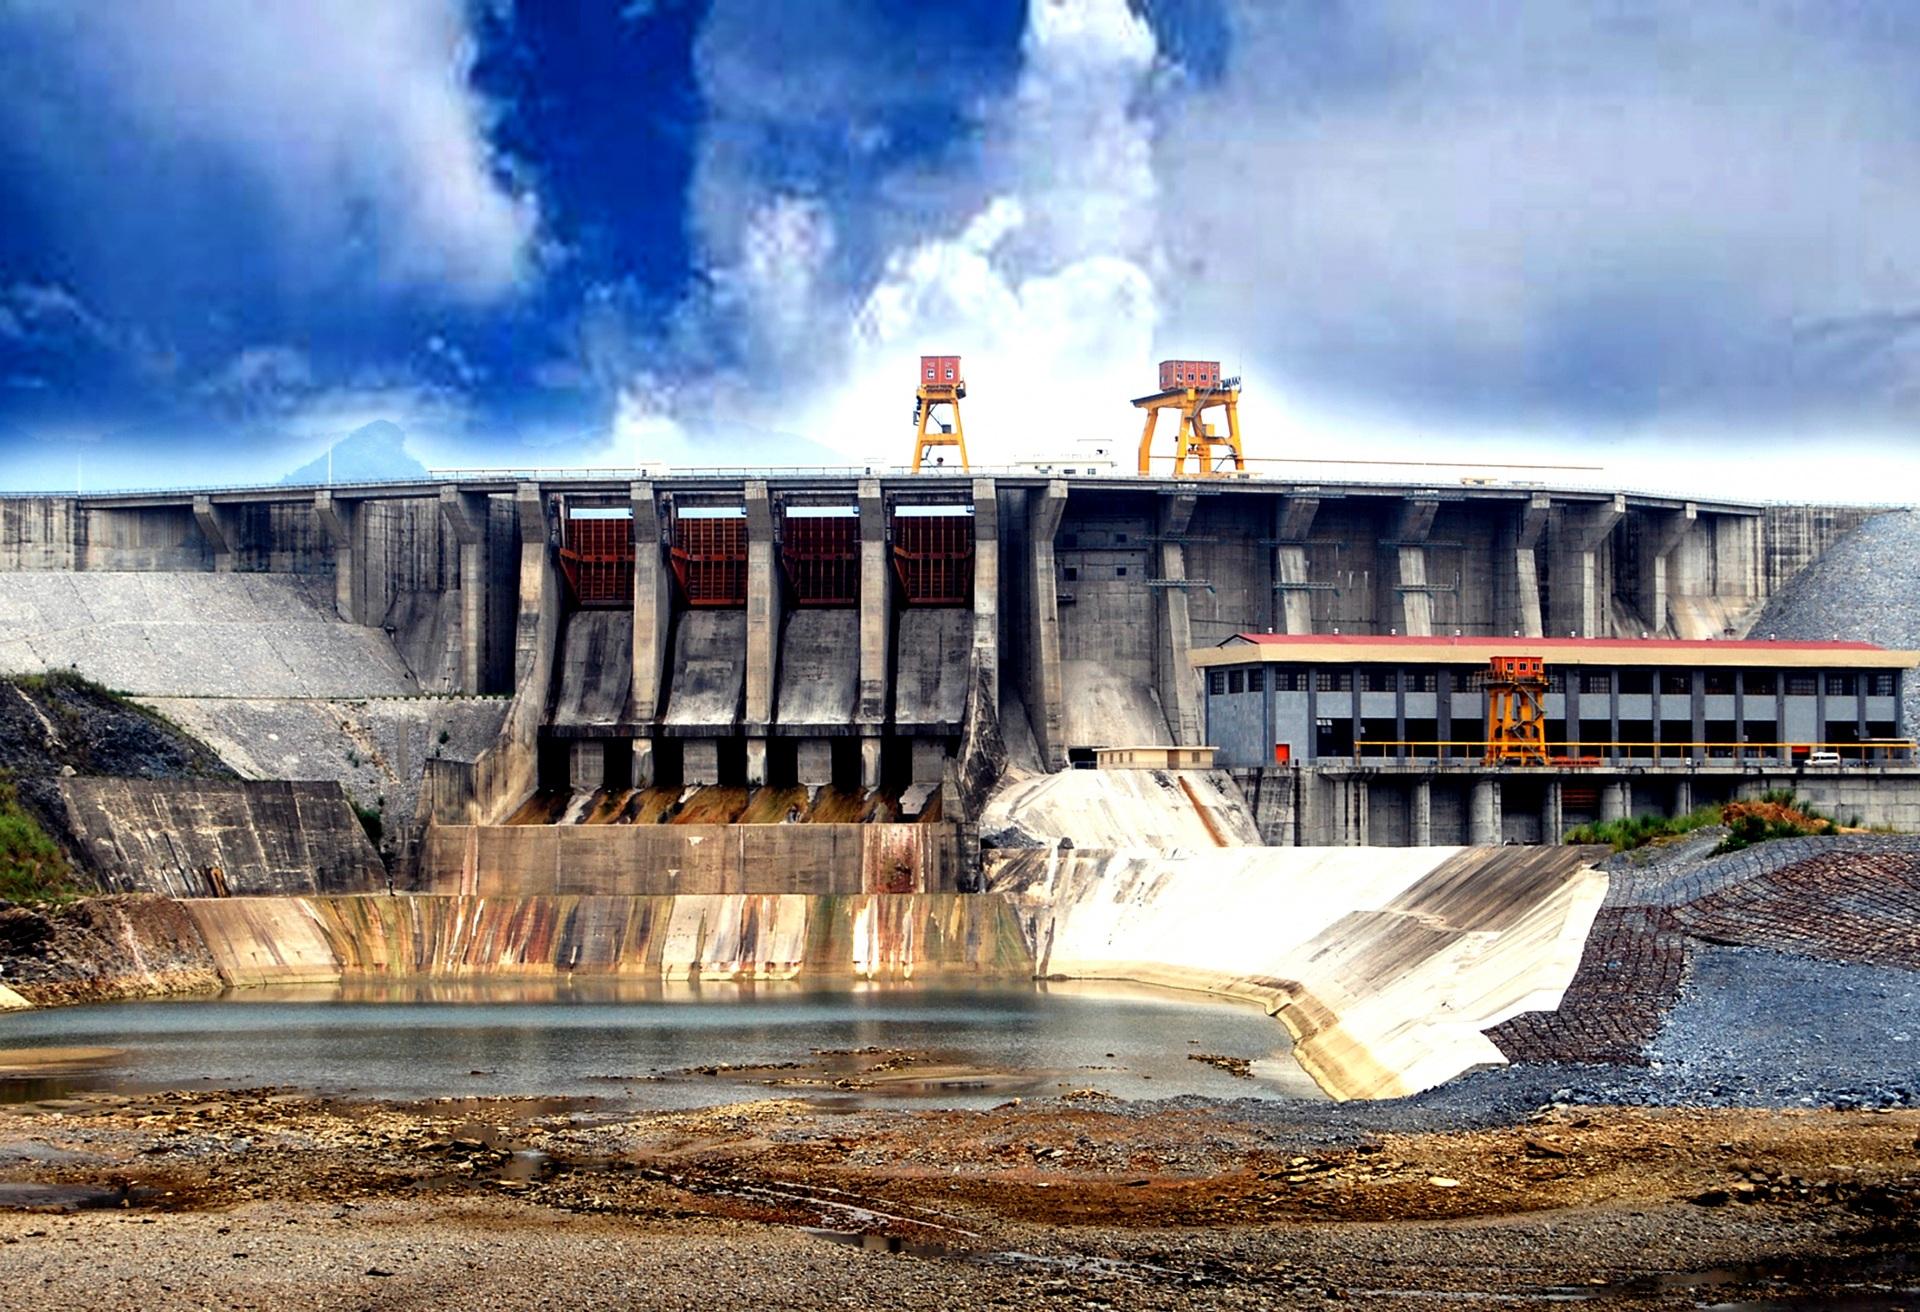 Câu chuyện về các dự án thủy điện trong mùa mưa lũ